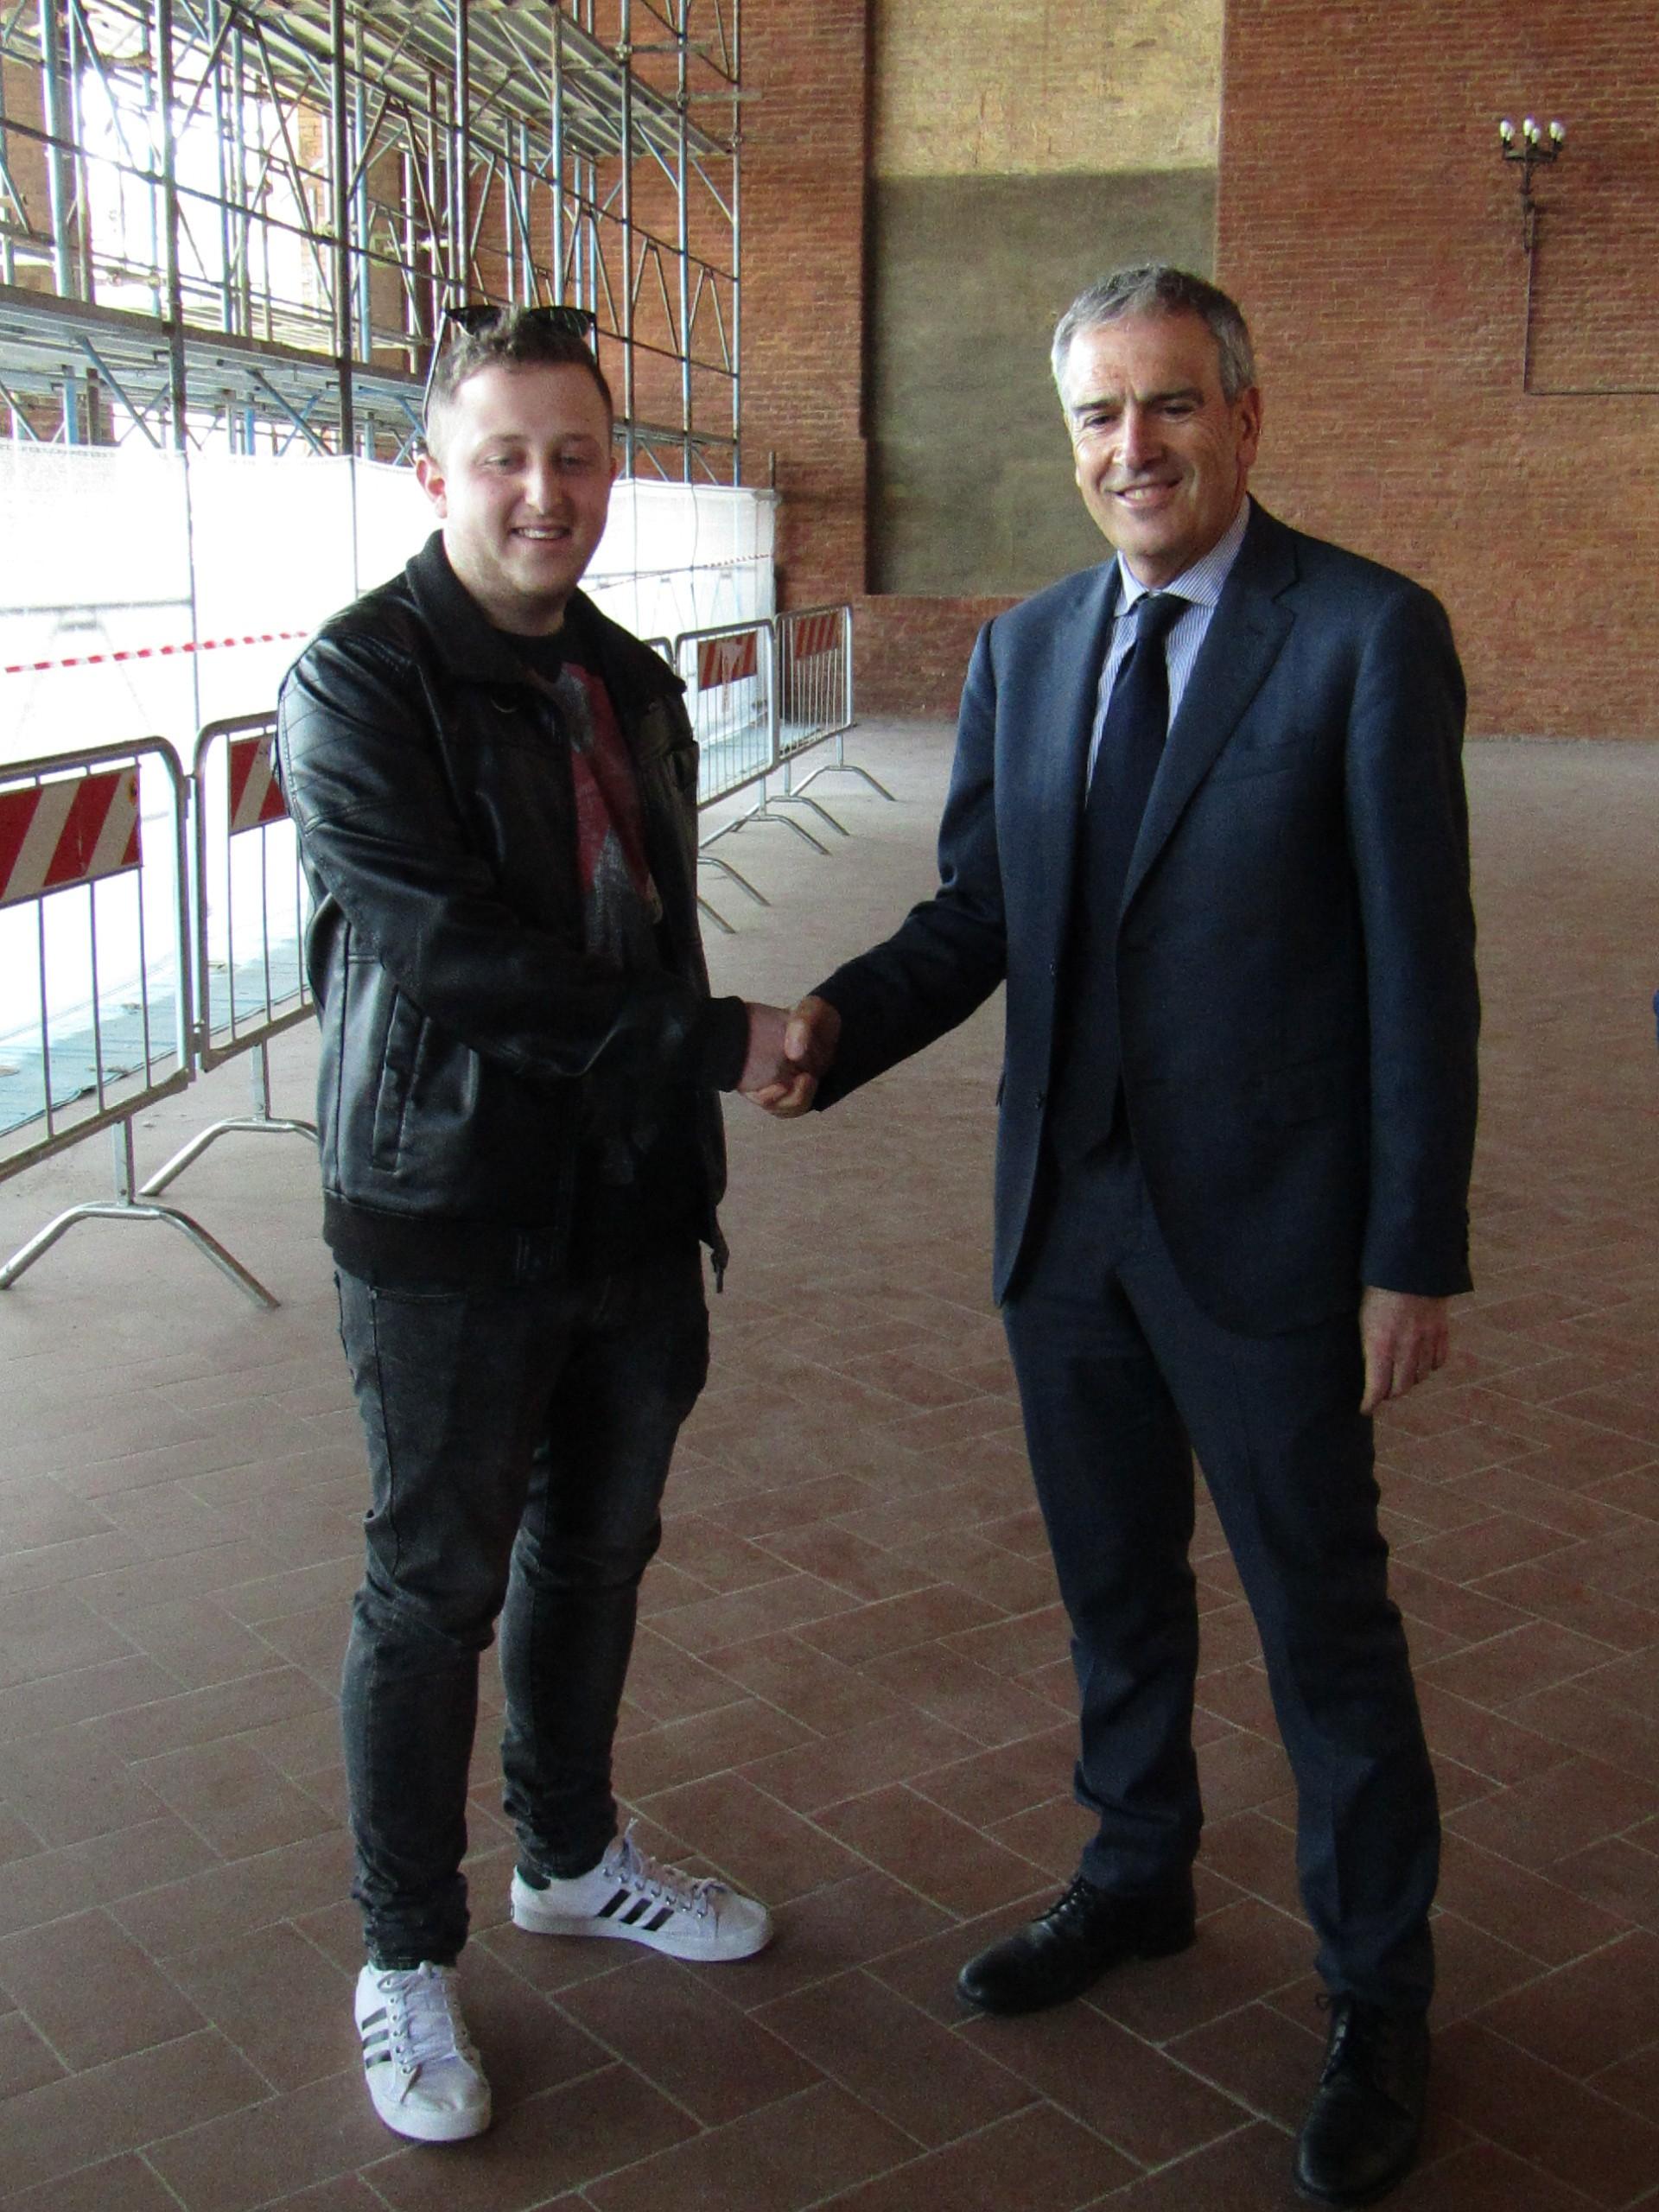 Il sindaco stringe la mano a Andrea Pistolesi, commesso a tempo determinato